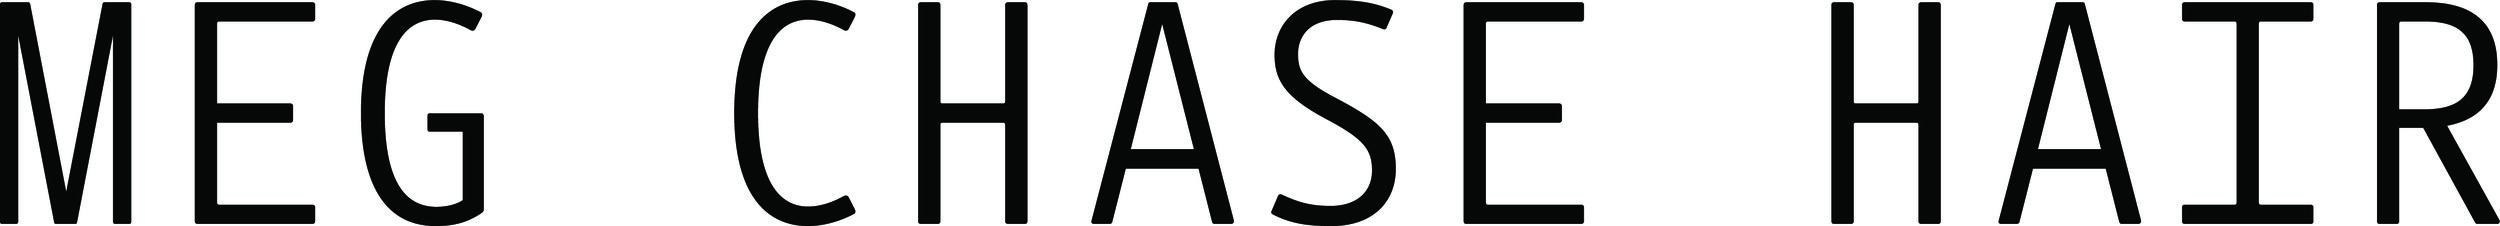 megchasehair-logo_black.jpg